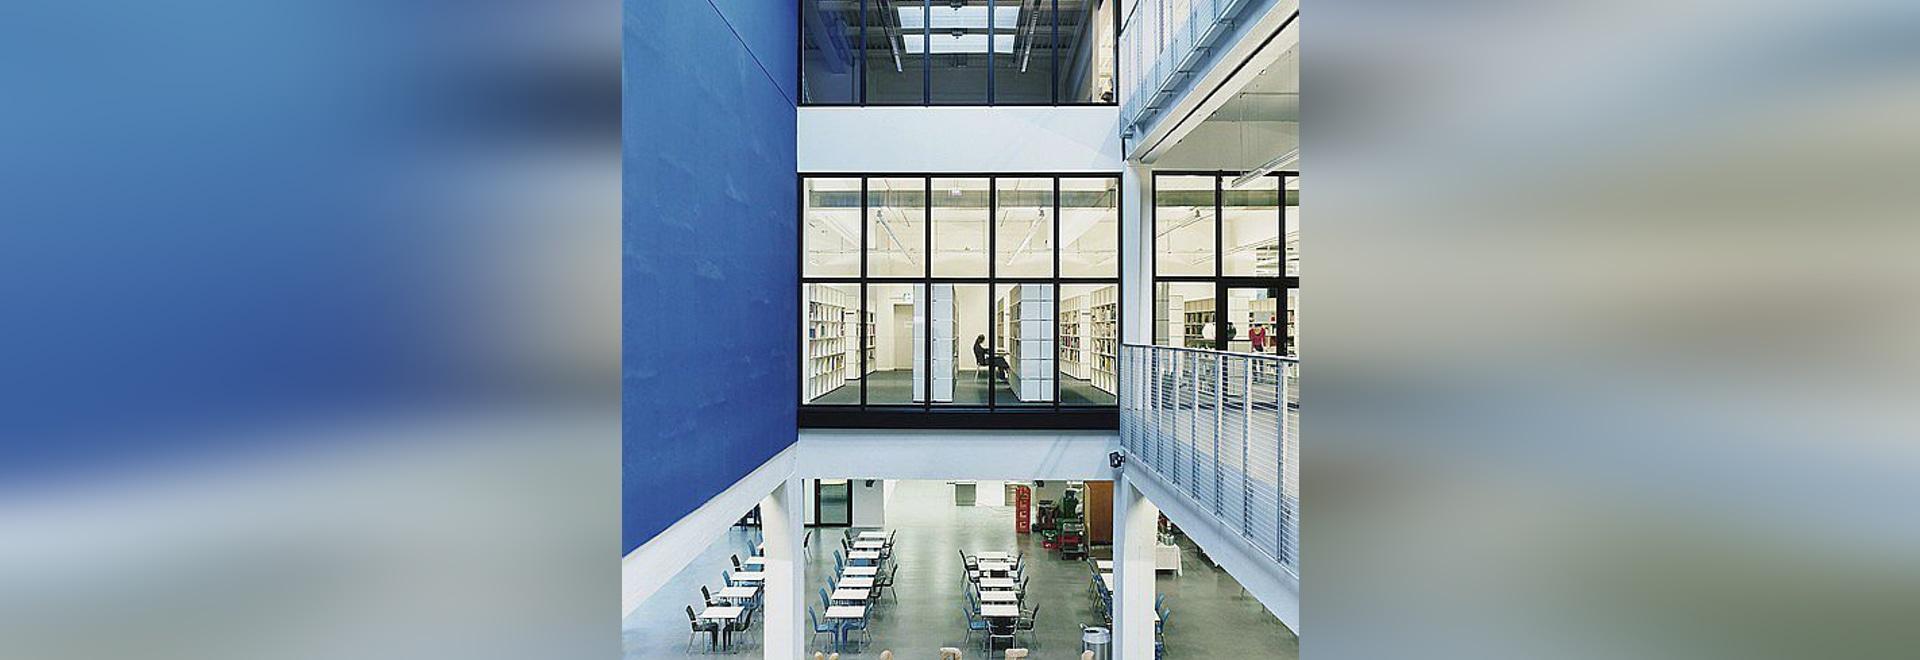 École cantonale d''art ECAL – Place aux idées